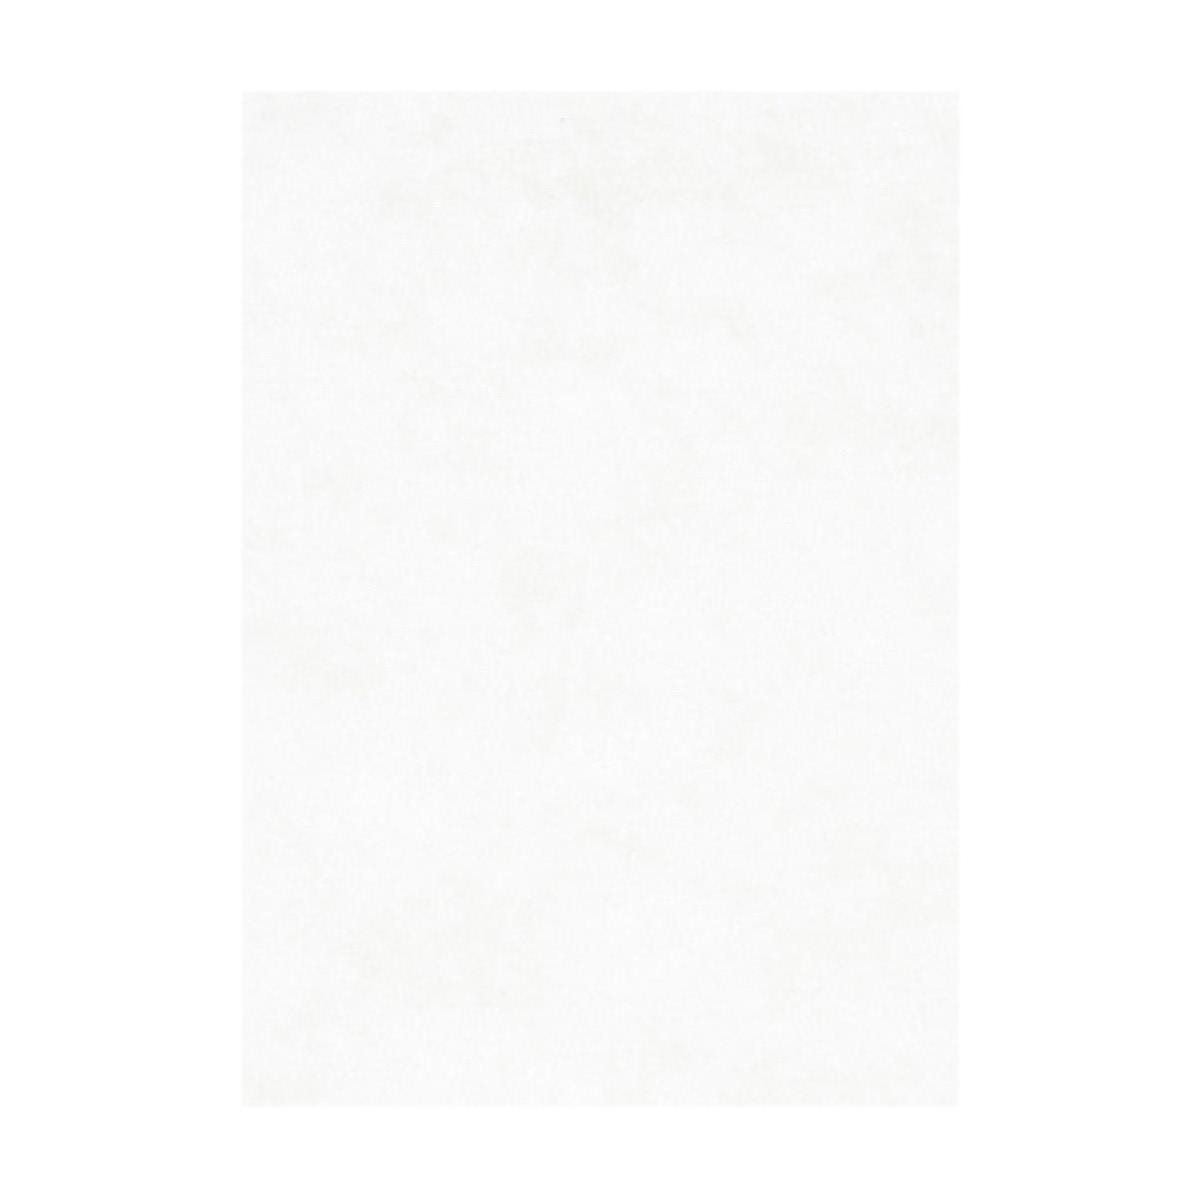 Akvarel og akryl papir, 400 g, 64 x 90 cm, 5 løse ark